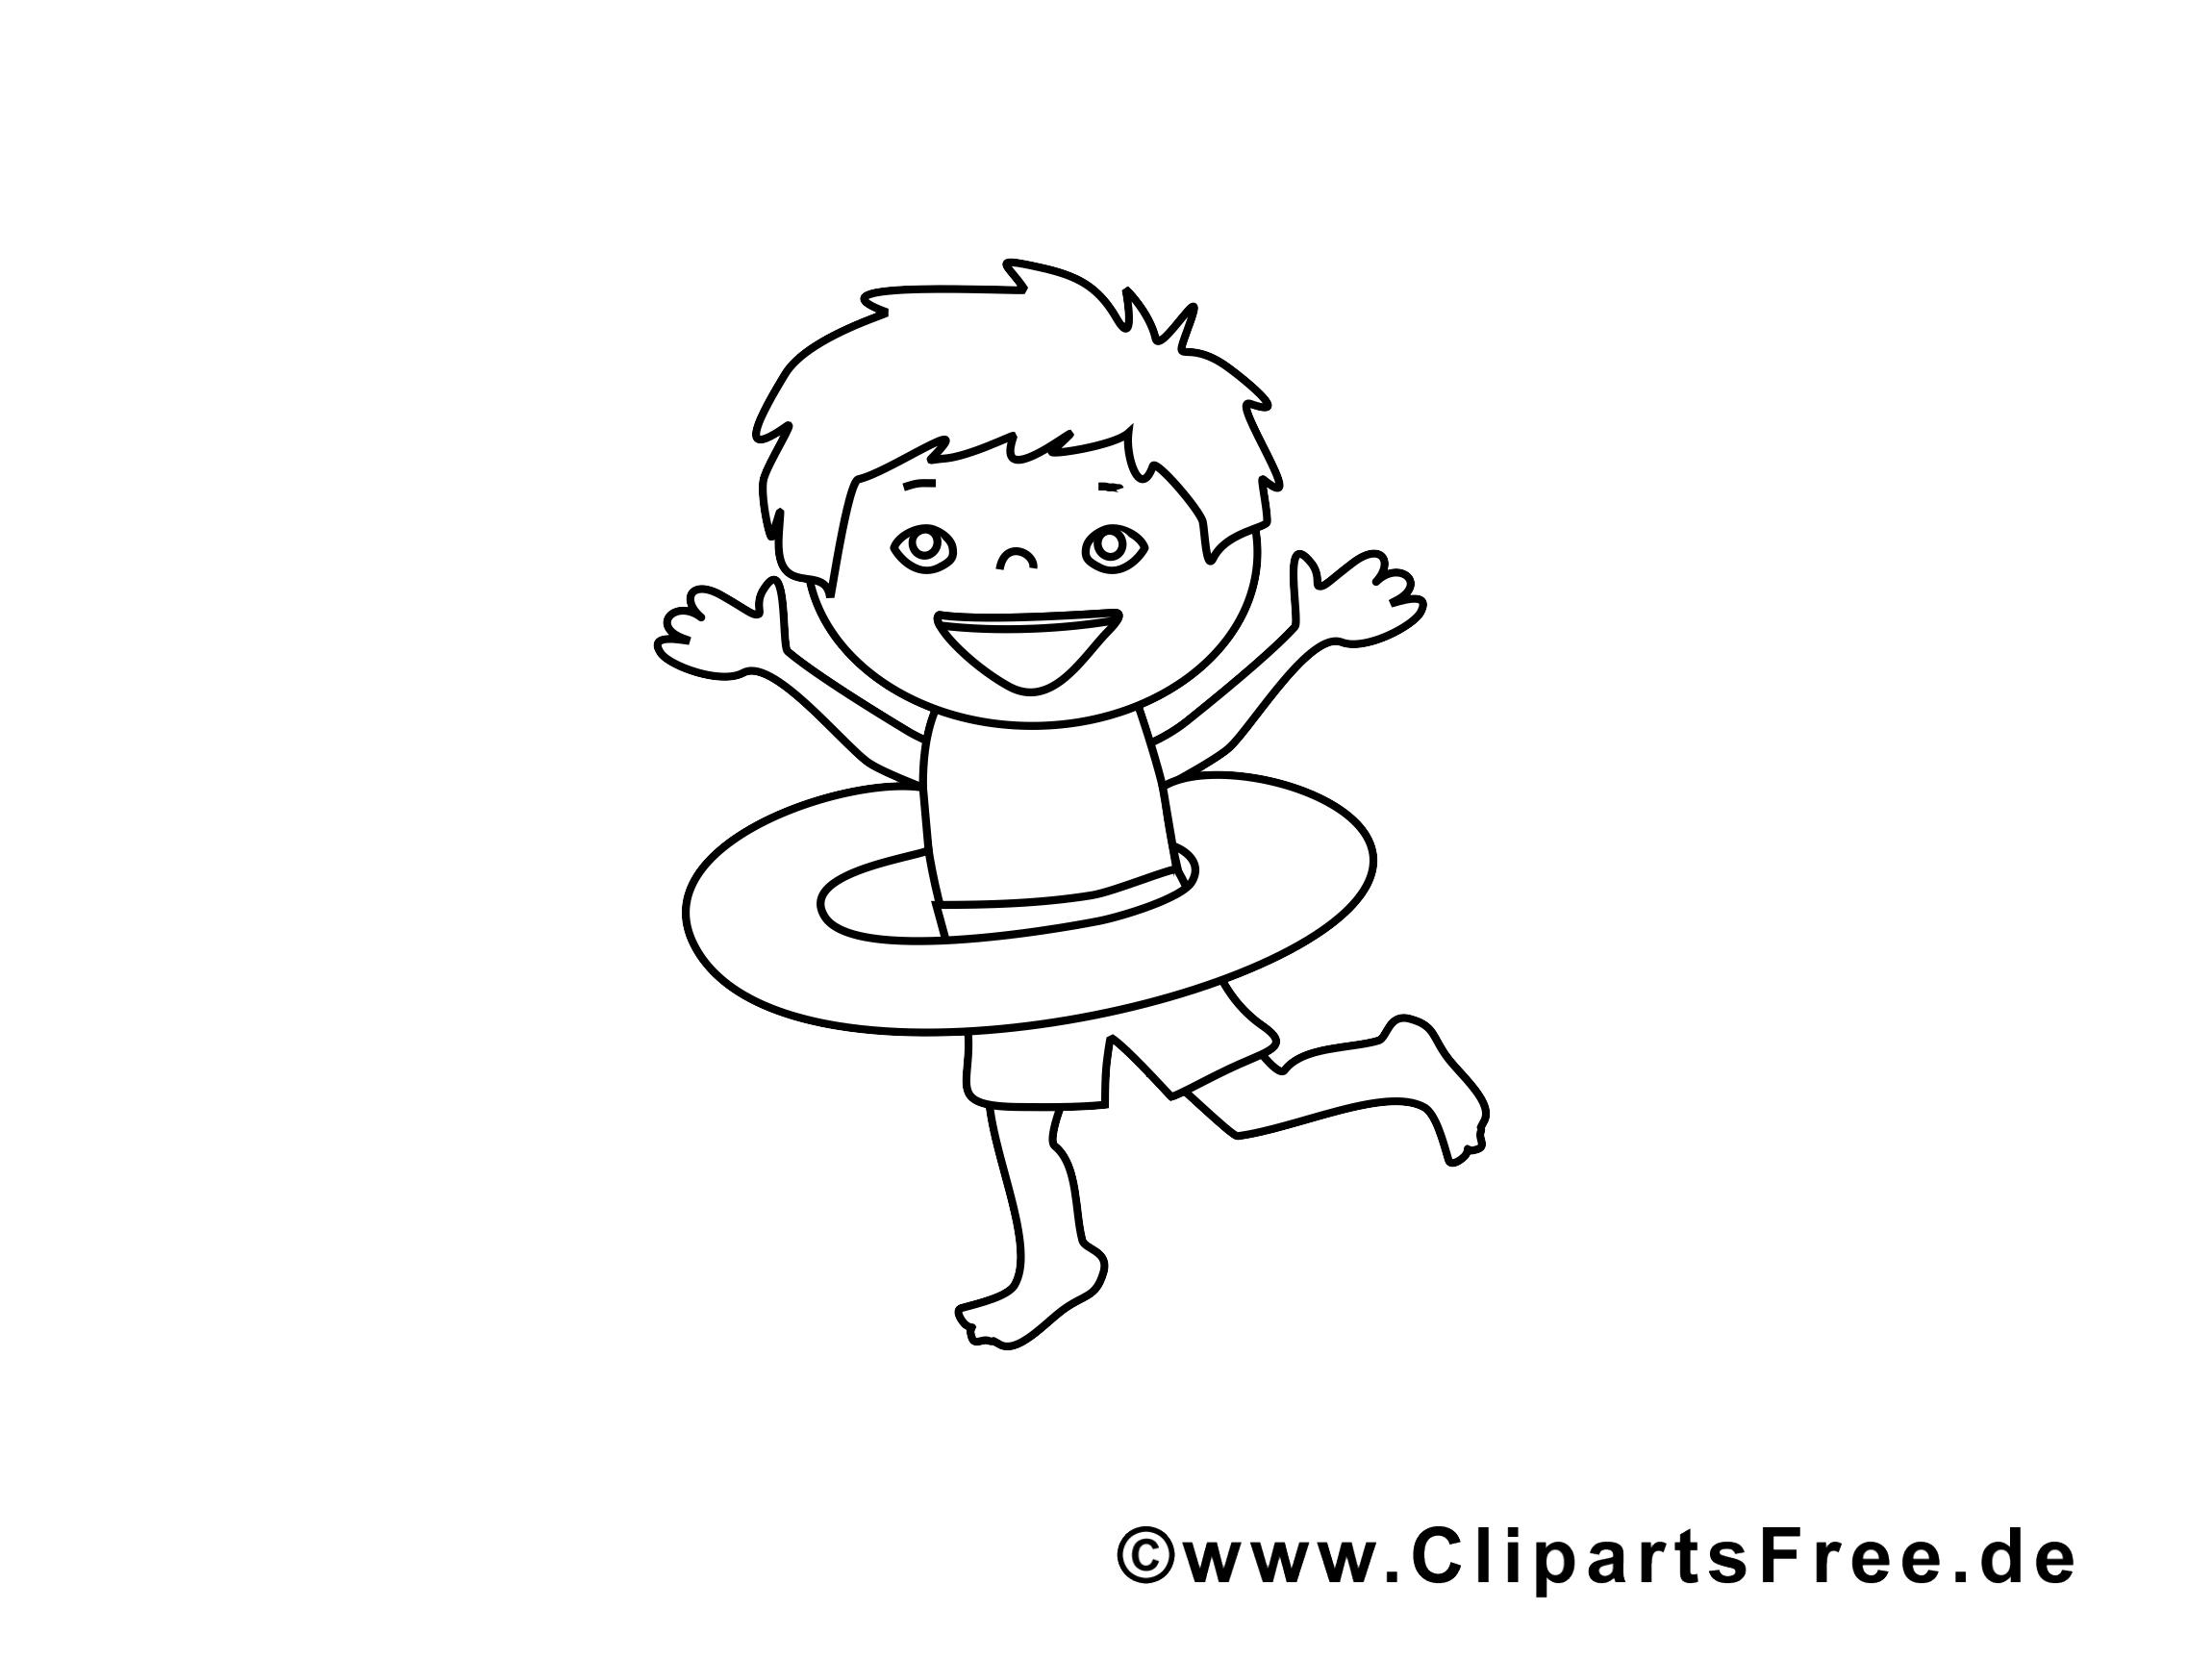 Bouée illustration – Coloriage maternelle cliparts